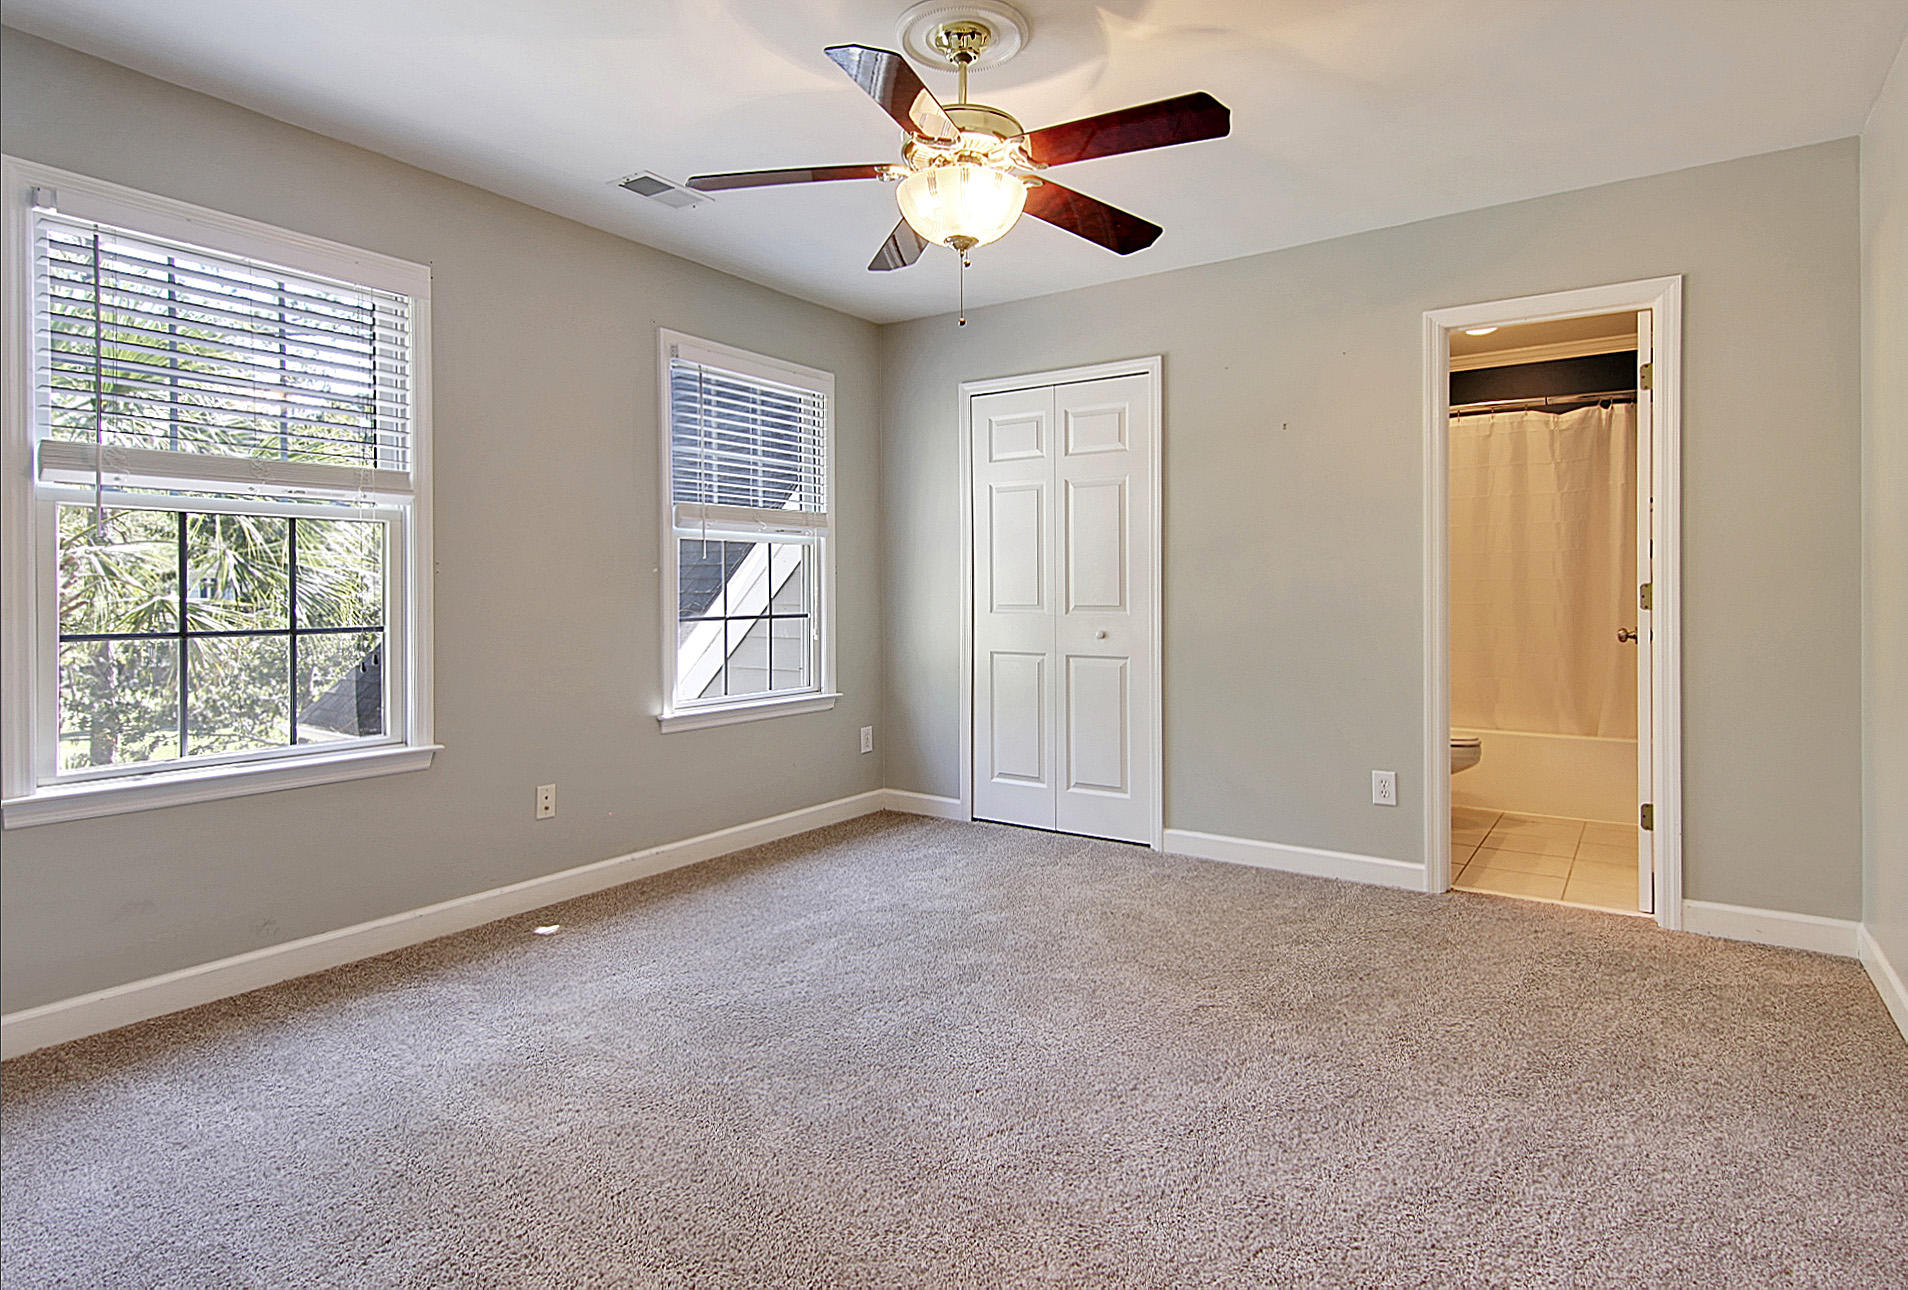 Dunes West Homes For Sale - 2236 Black Oak, Mount Pleasant, SC - 35